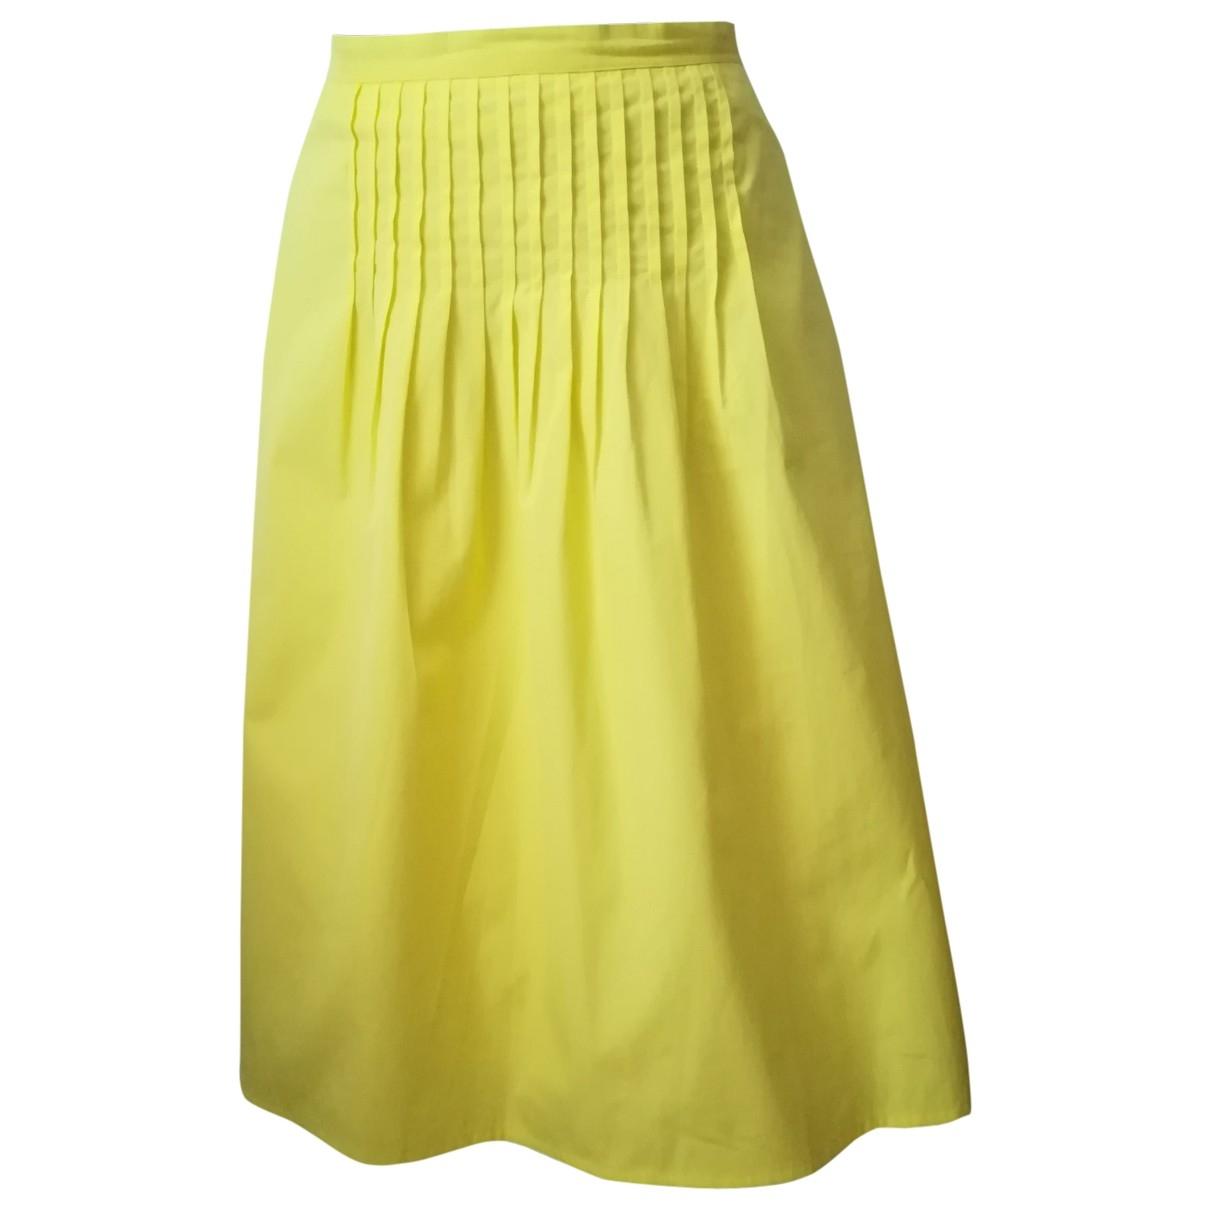 Max Mara Studio \N Yellow Cotton skirt for Women 48 IT